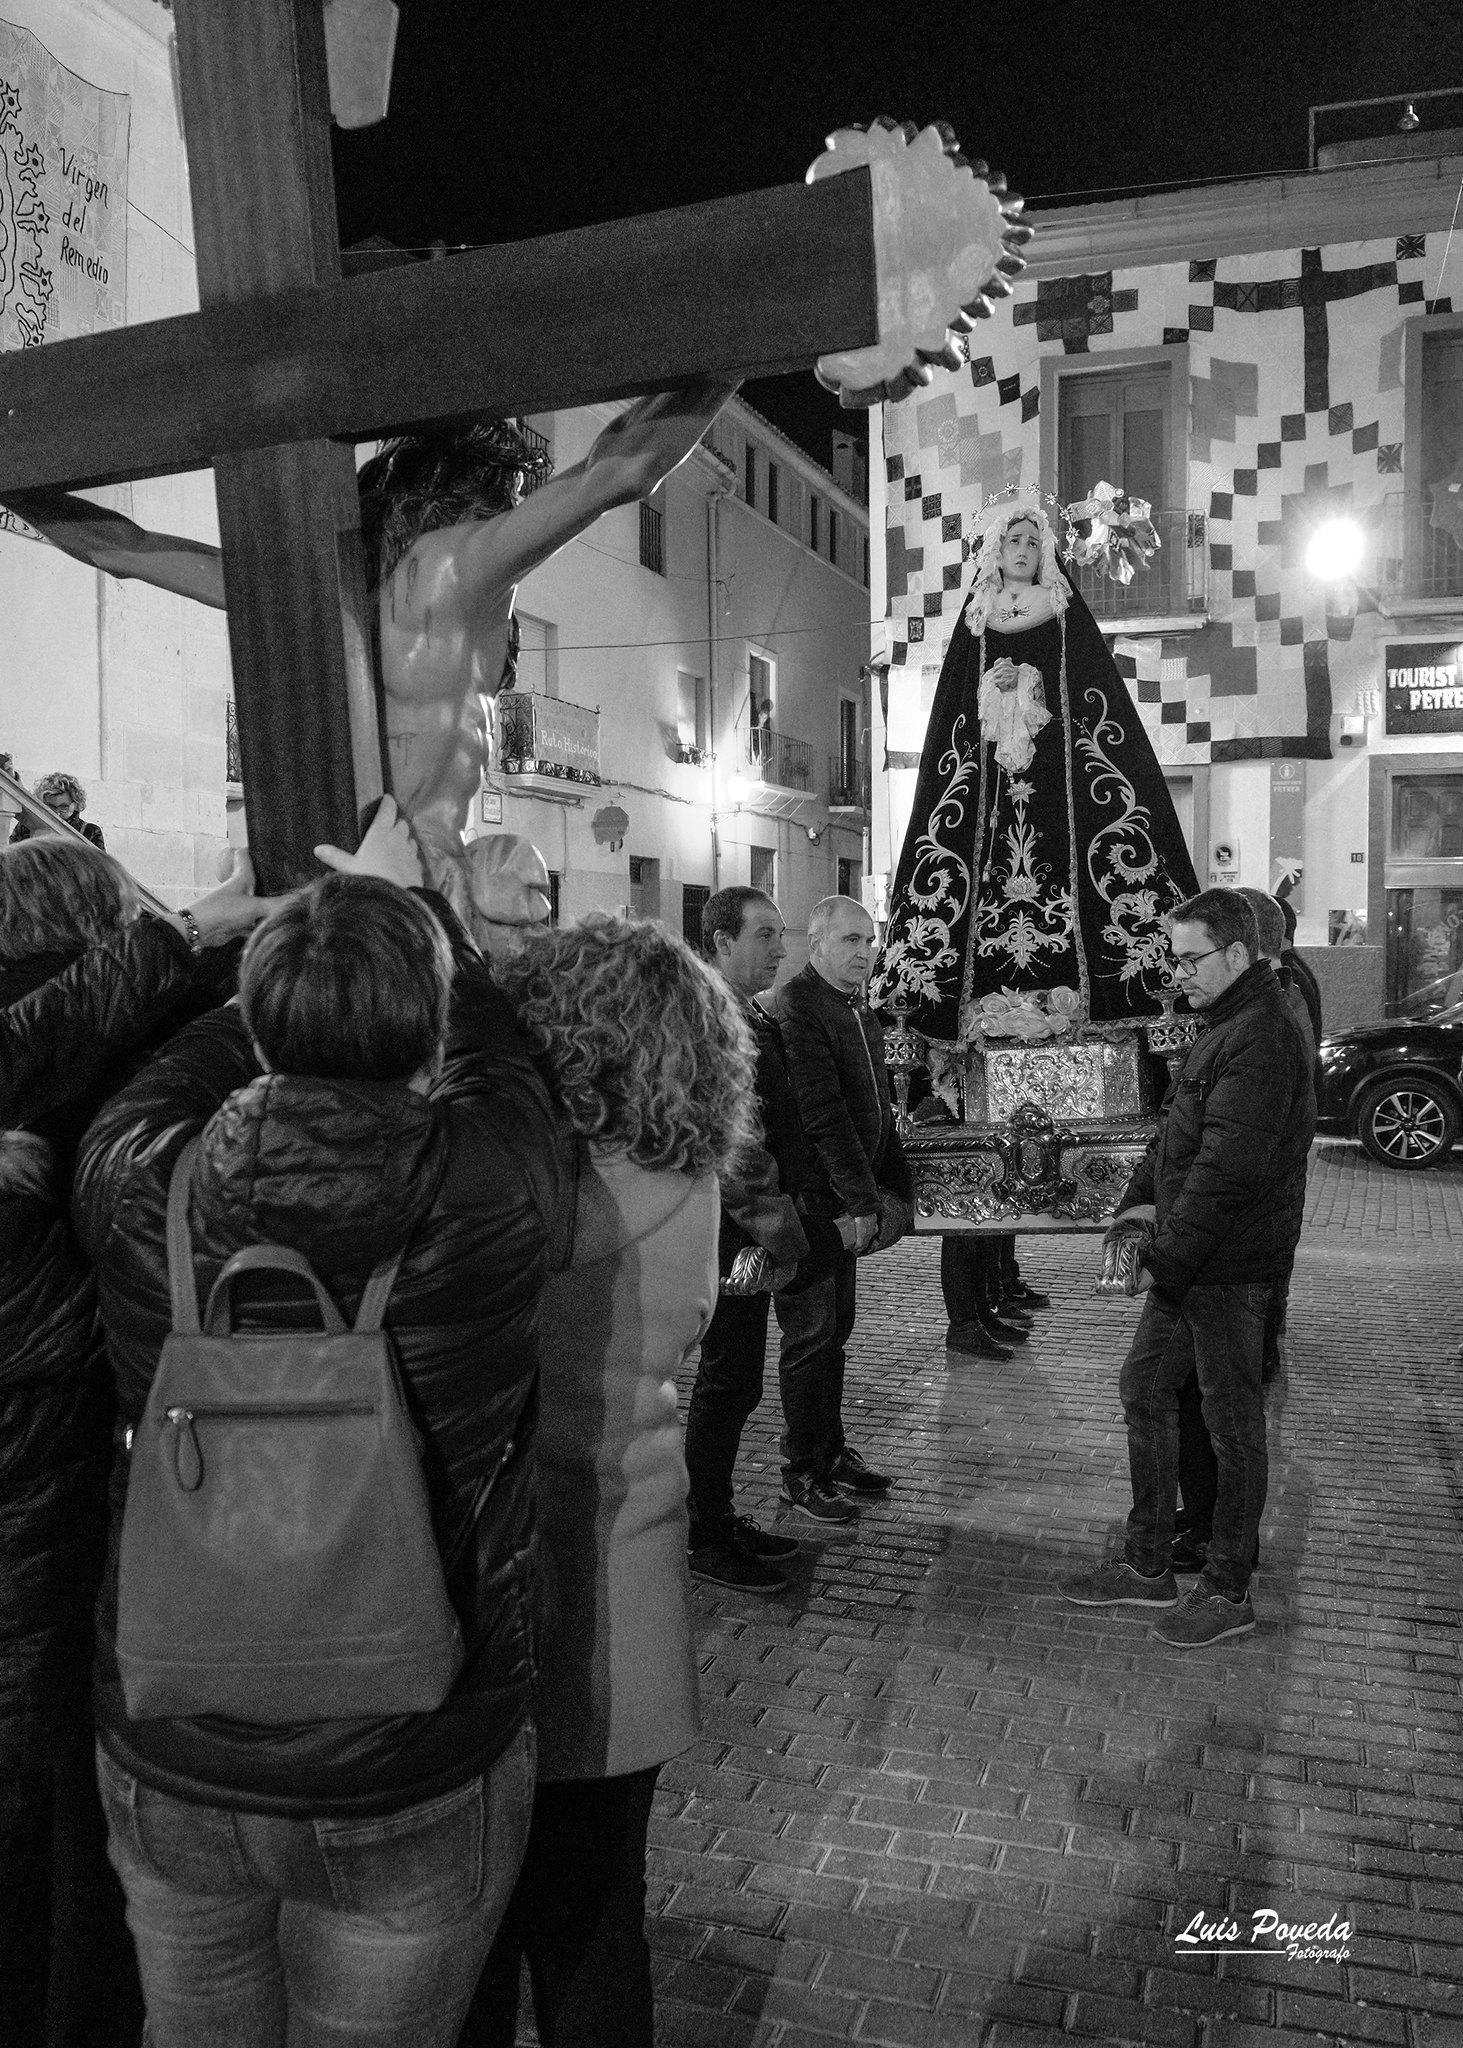 (2019-04-12) - X Vía Crucis nocturno - Luis Poveda Galiano (18)